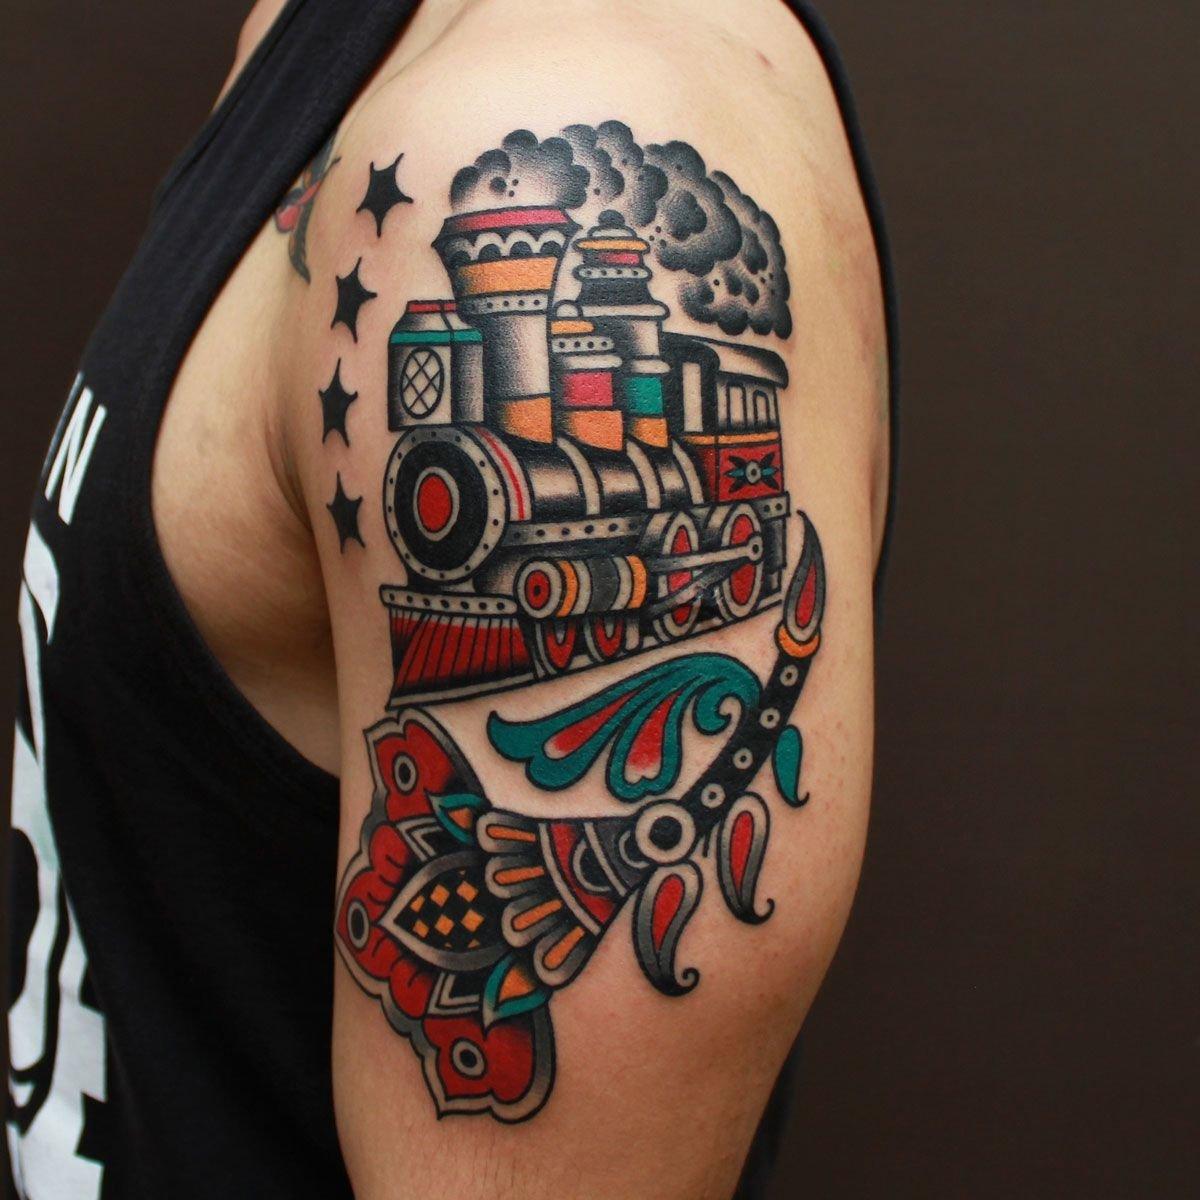 Цветное тату на руке мужчины